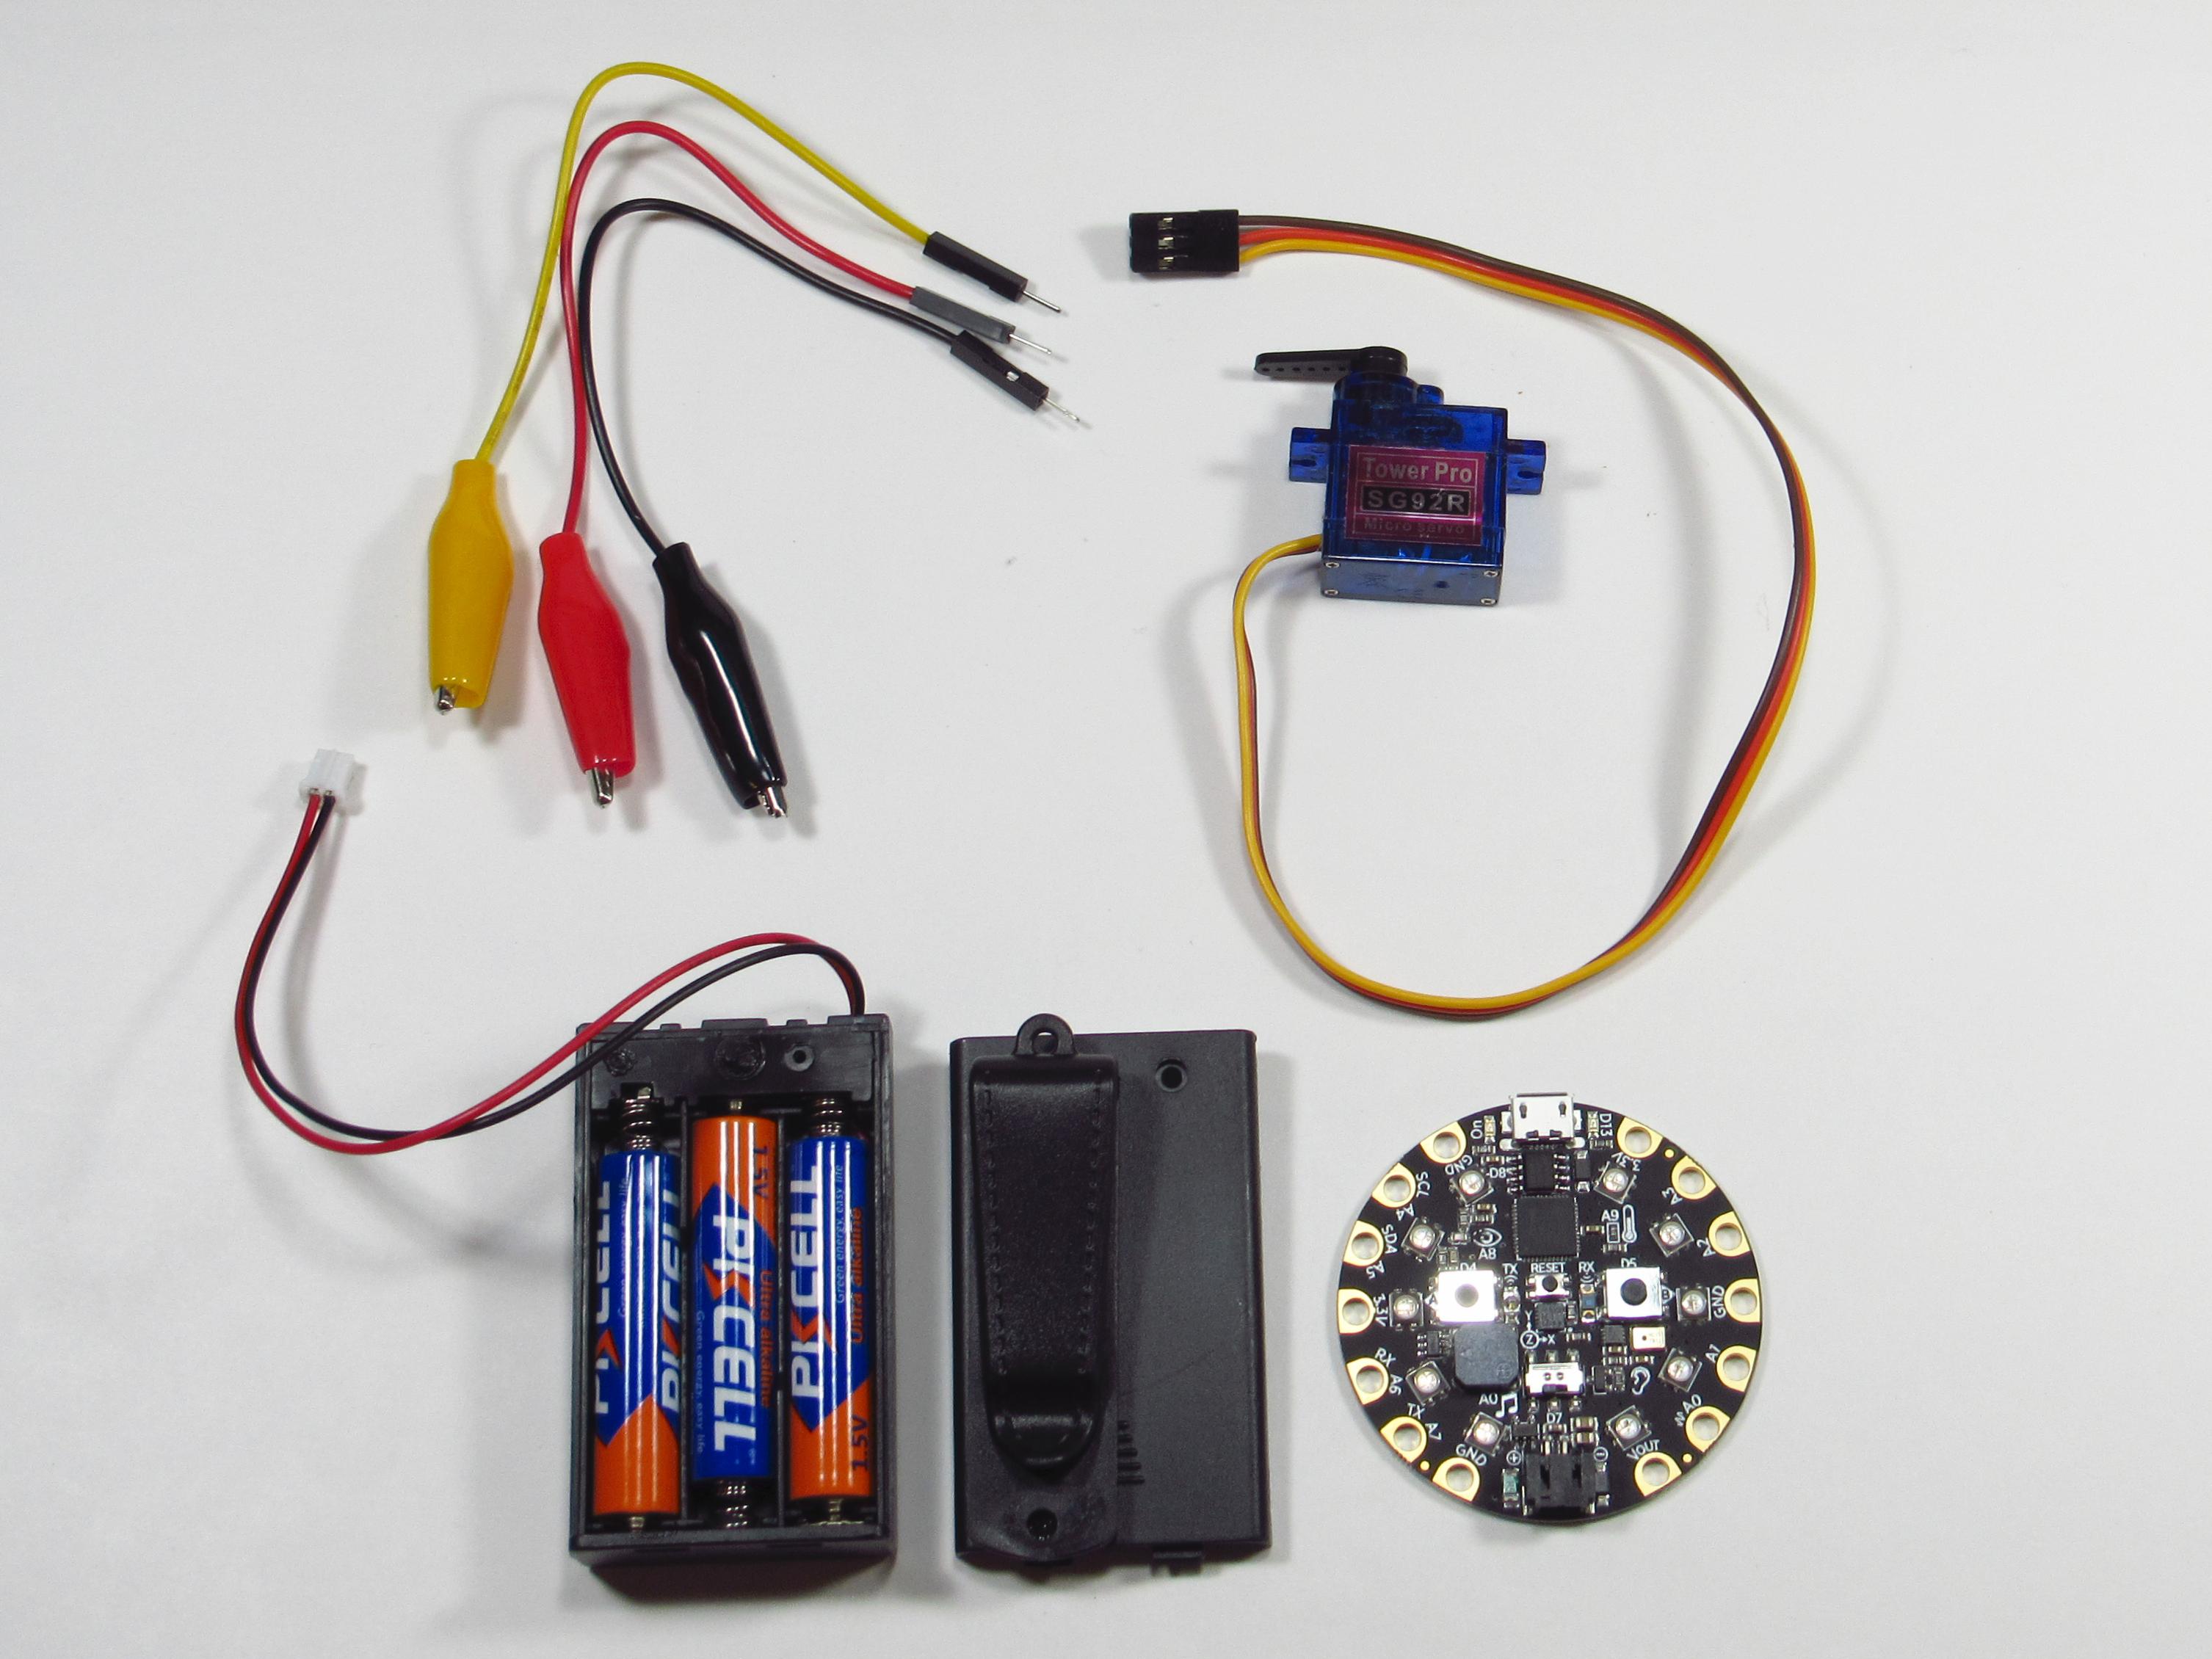 makecode_Electronics.jpg